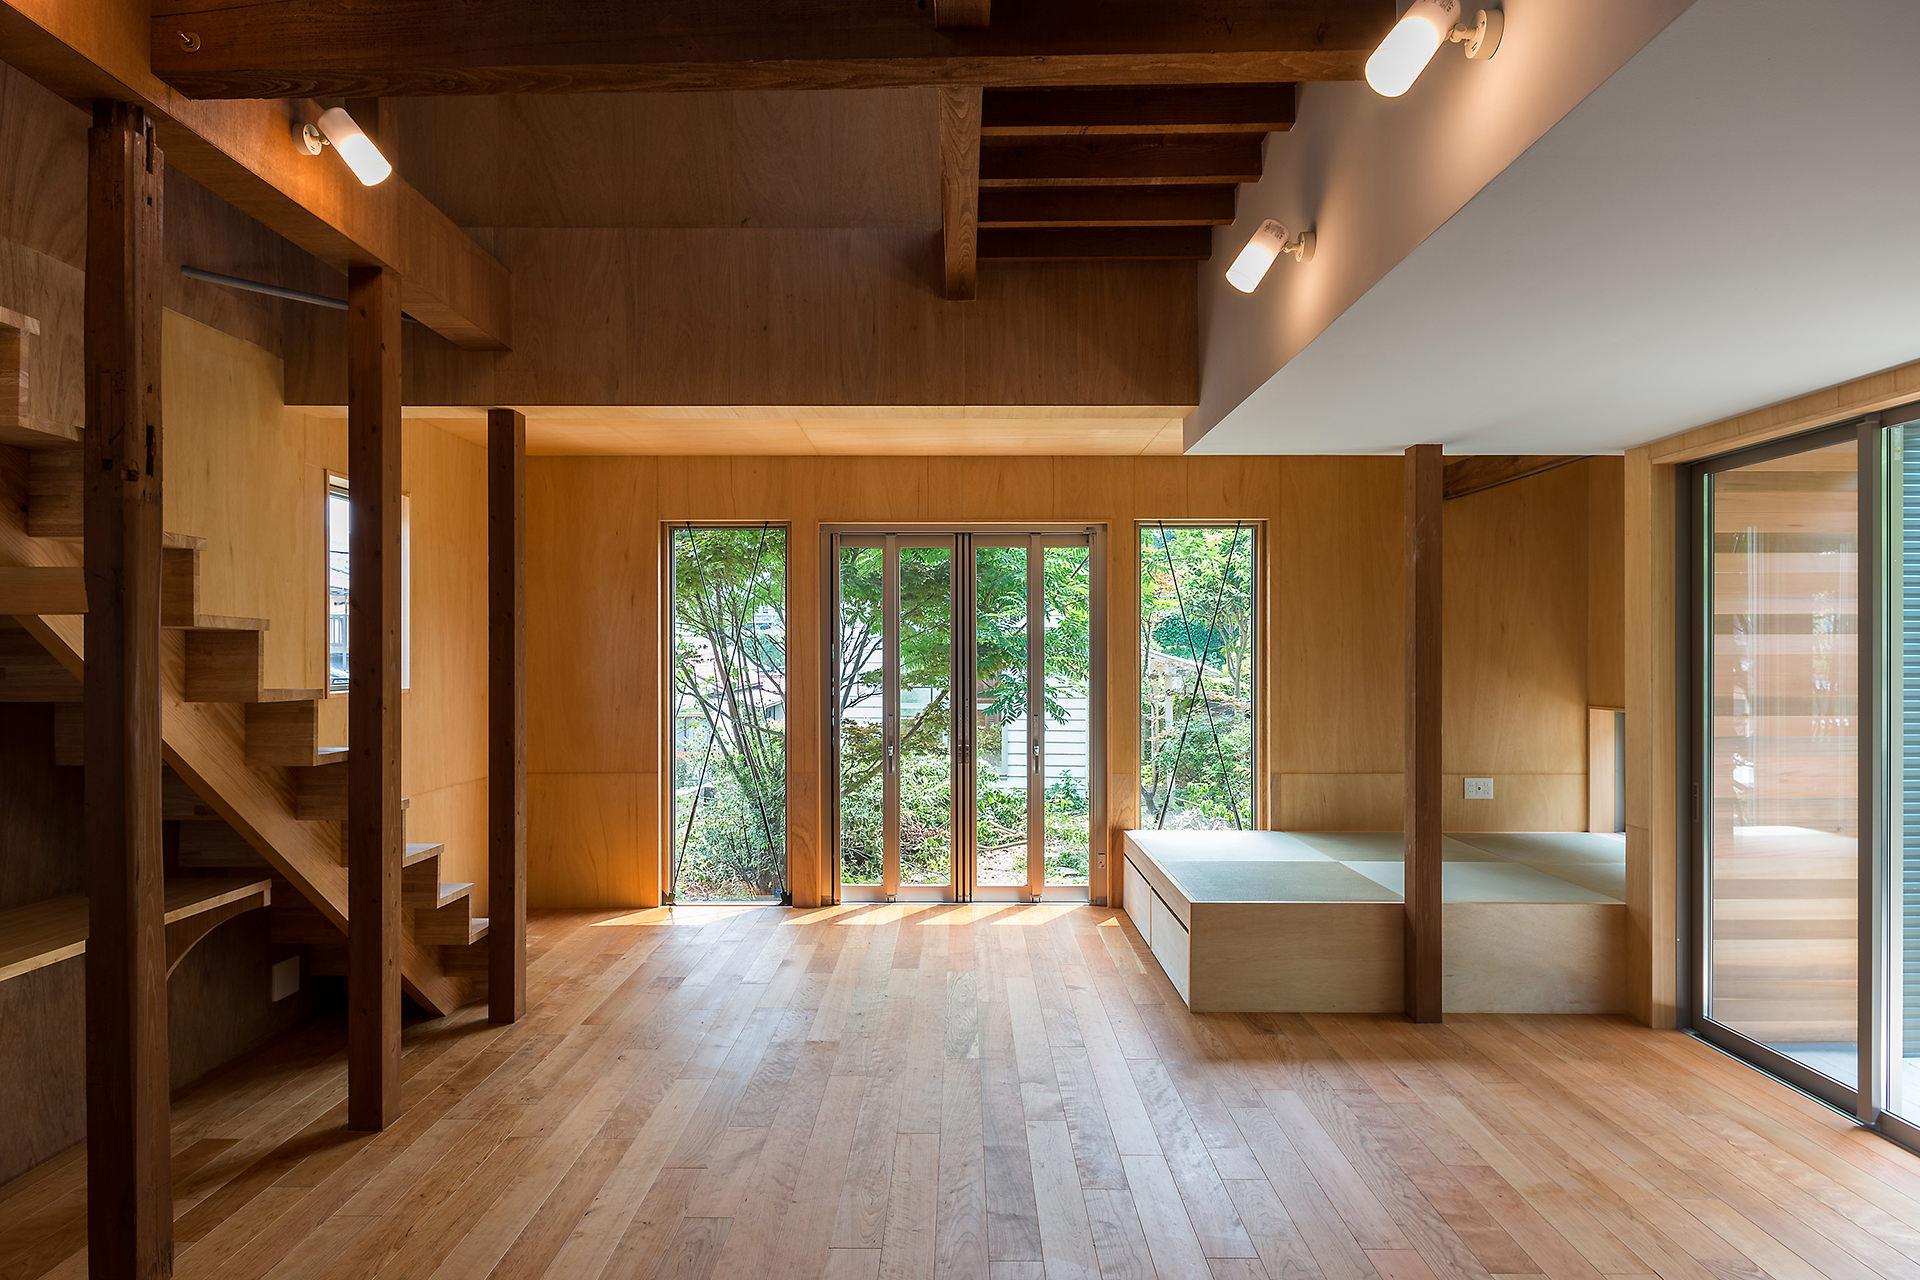 小屋と吹き抜けのある家 イメージ01 撮影:東涌宏和